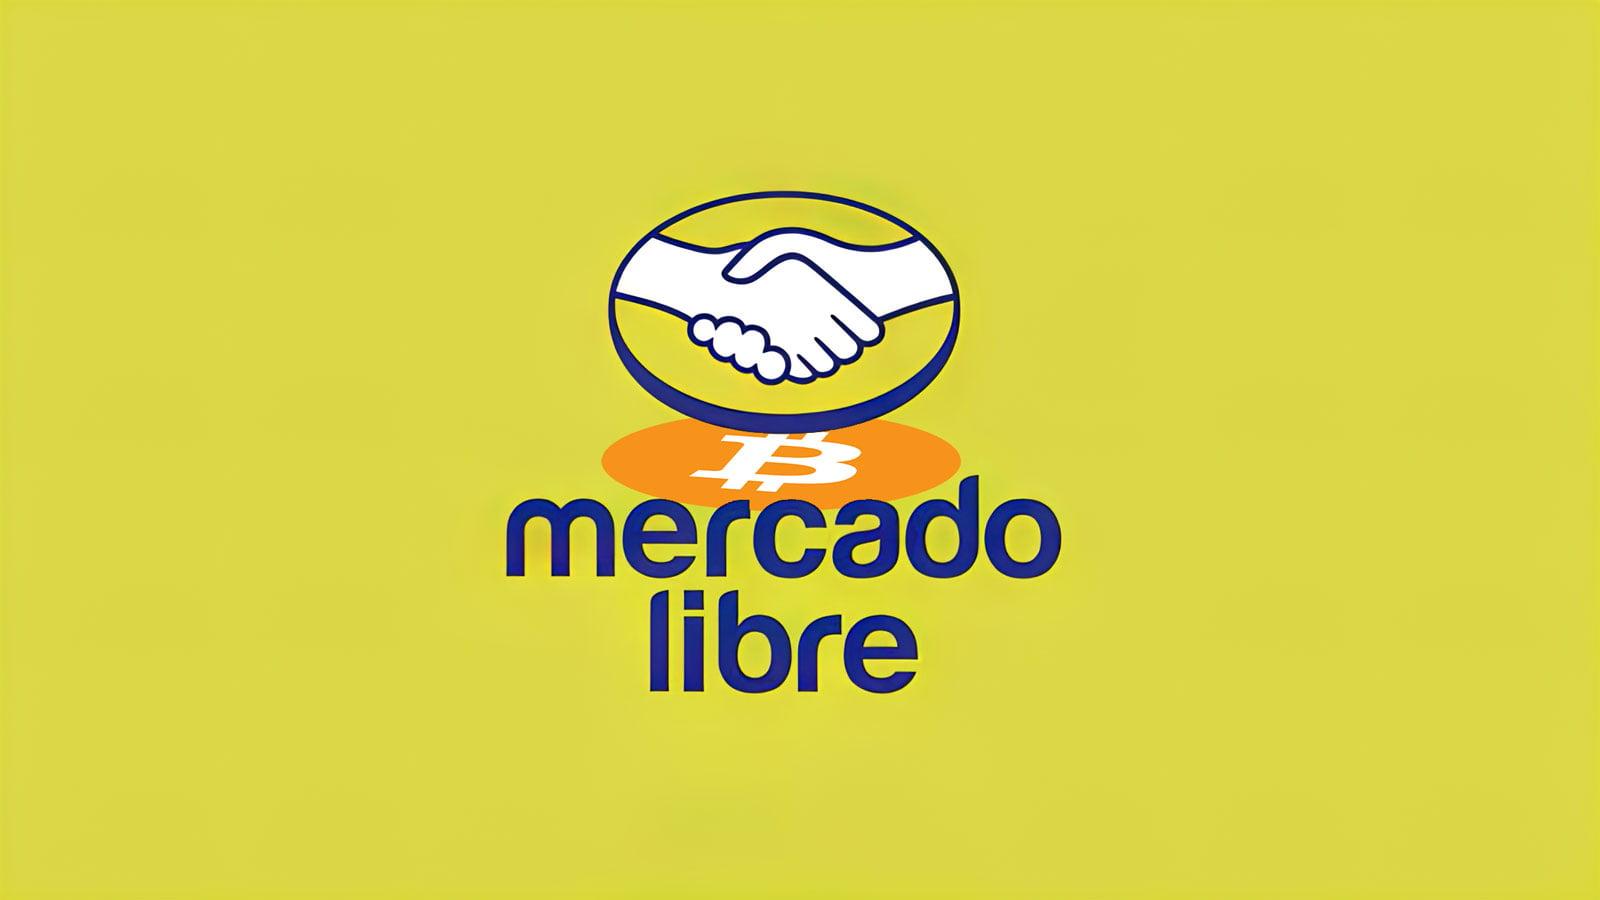 Латиноамериканский гигант электронной коммерции MercadoLibre вложился в BTC